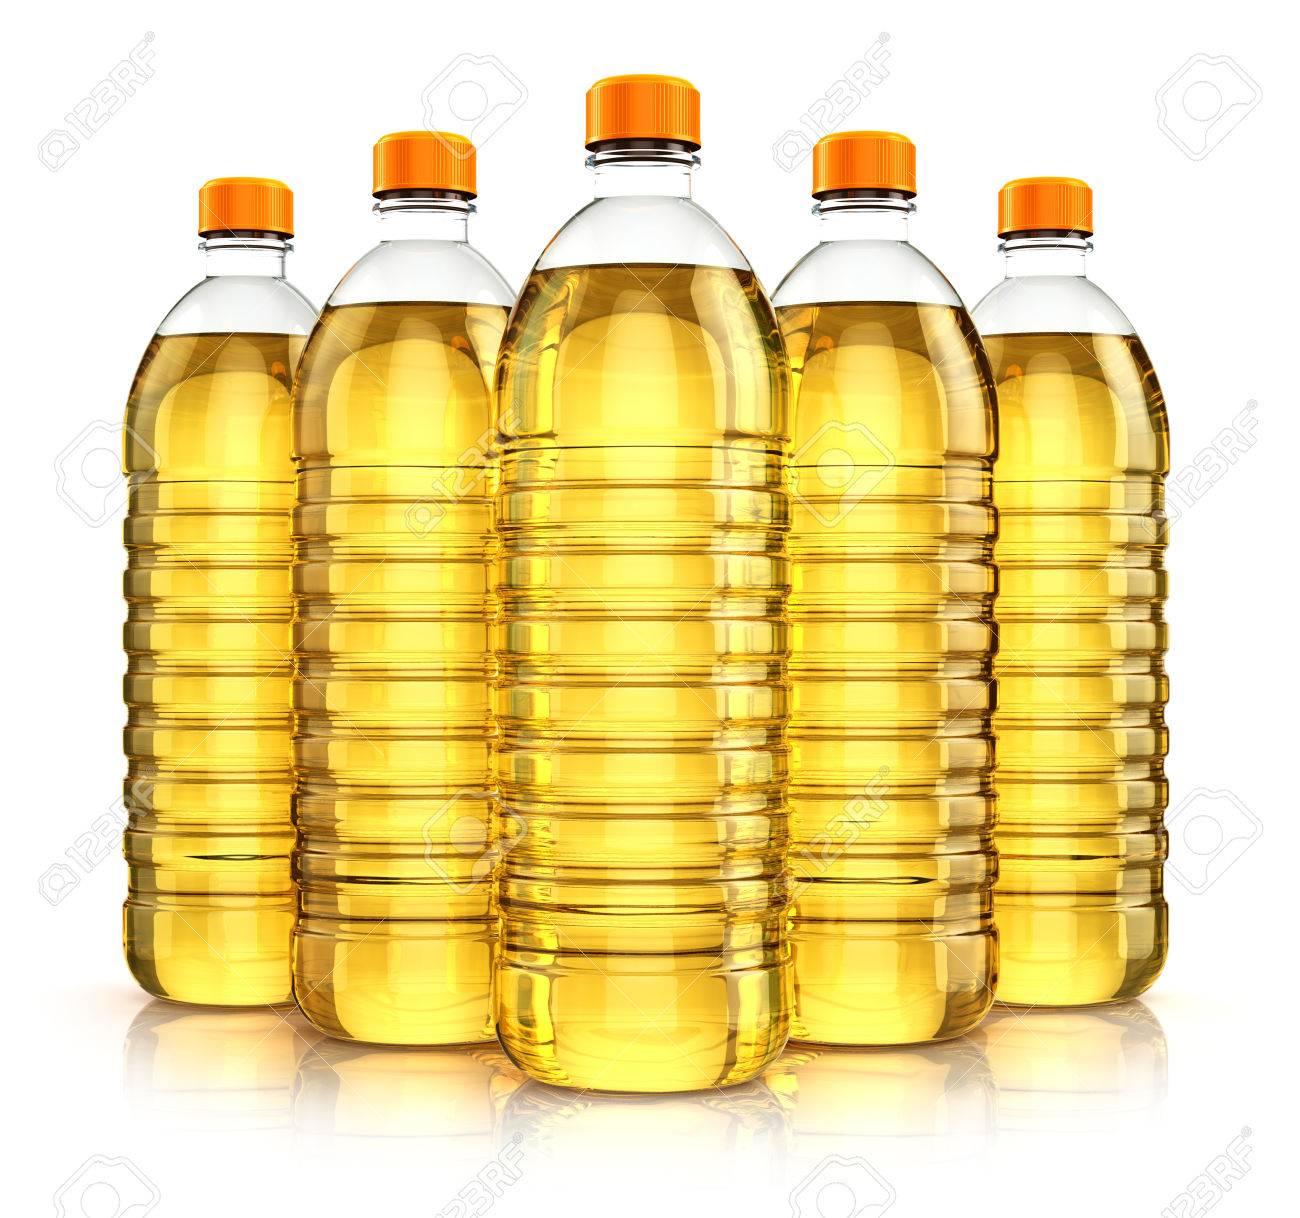 65633242-3d-ilustraci%C3%B3n-del-grupo-de-cinco-botellas-de-pl%C3%A1stico-con-aceite-refinado-de-coc